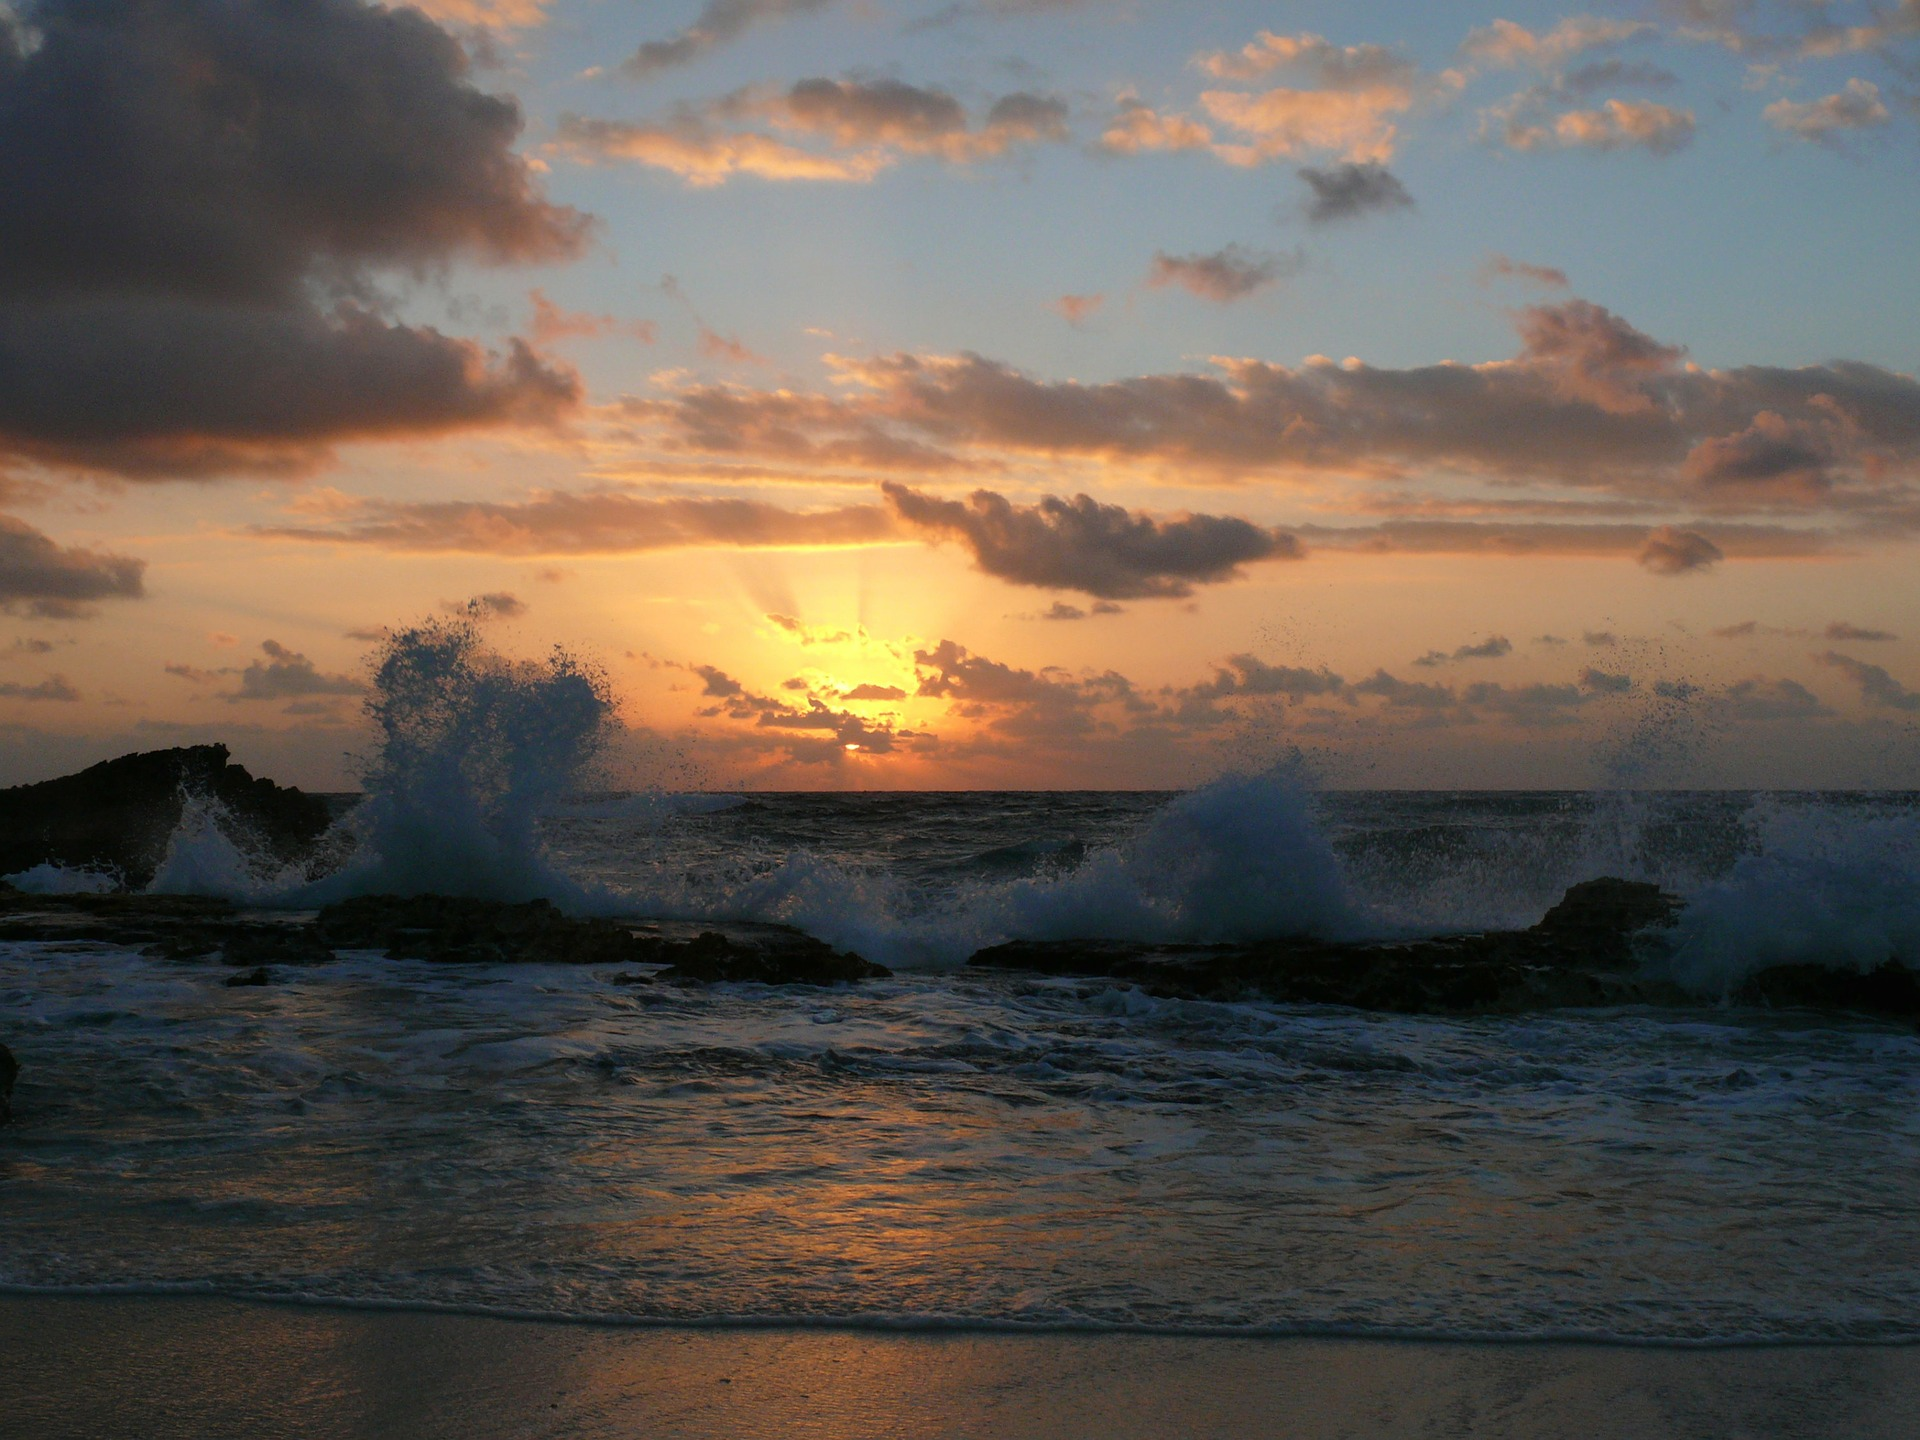 sunrise-69614_1920.jpg